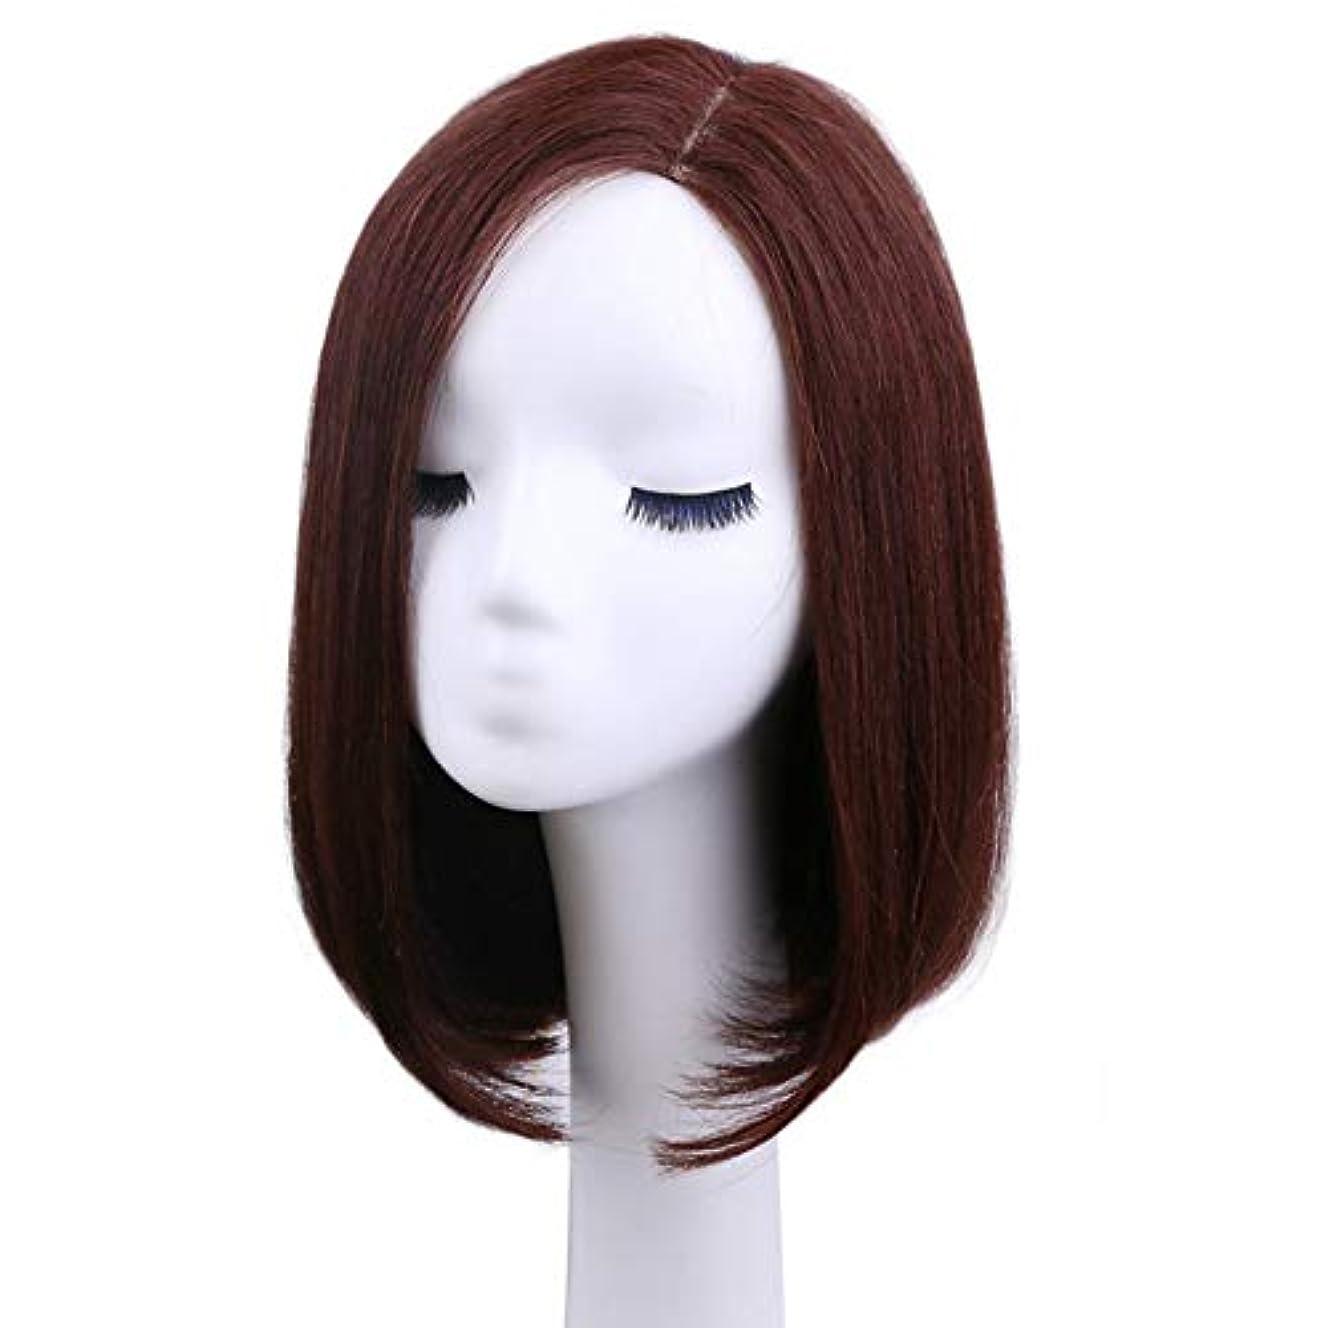 ドラッグブリーク地味なYOUQIU 女性のデイリードレスウィッグのための本当の髪ボブウィッグバックルストレートヘアー (色 : Natural black, Design : Mechanism)